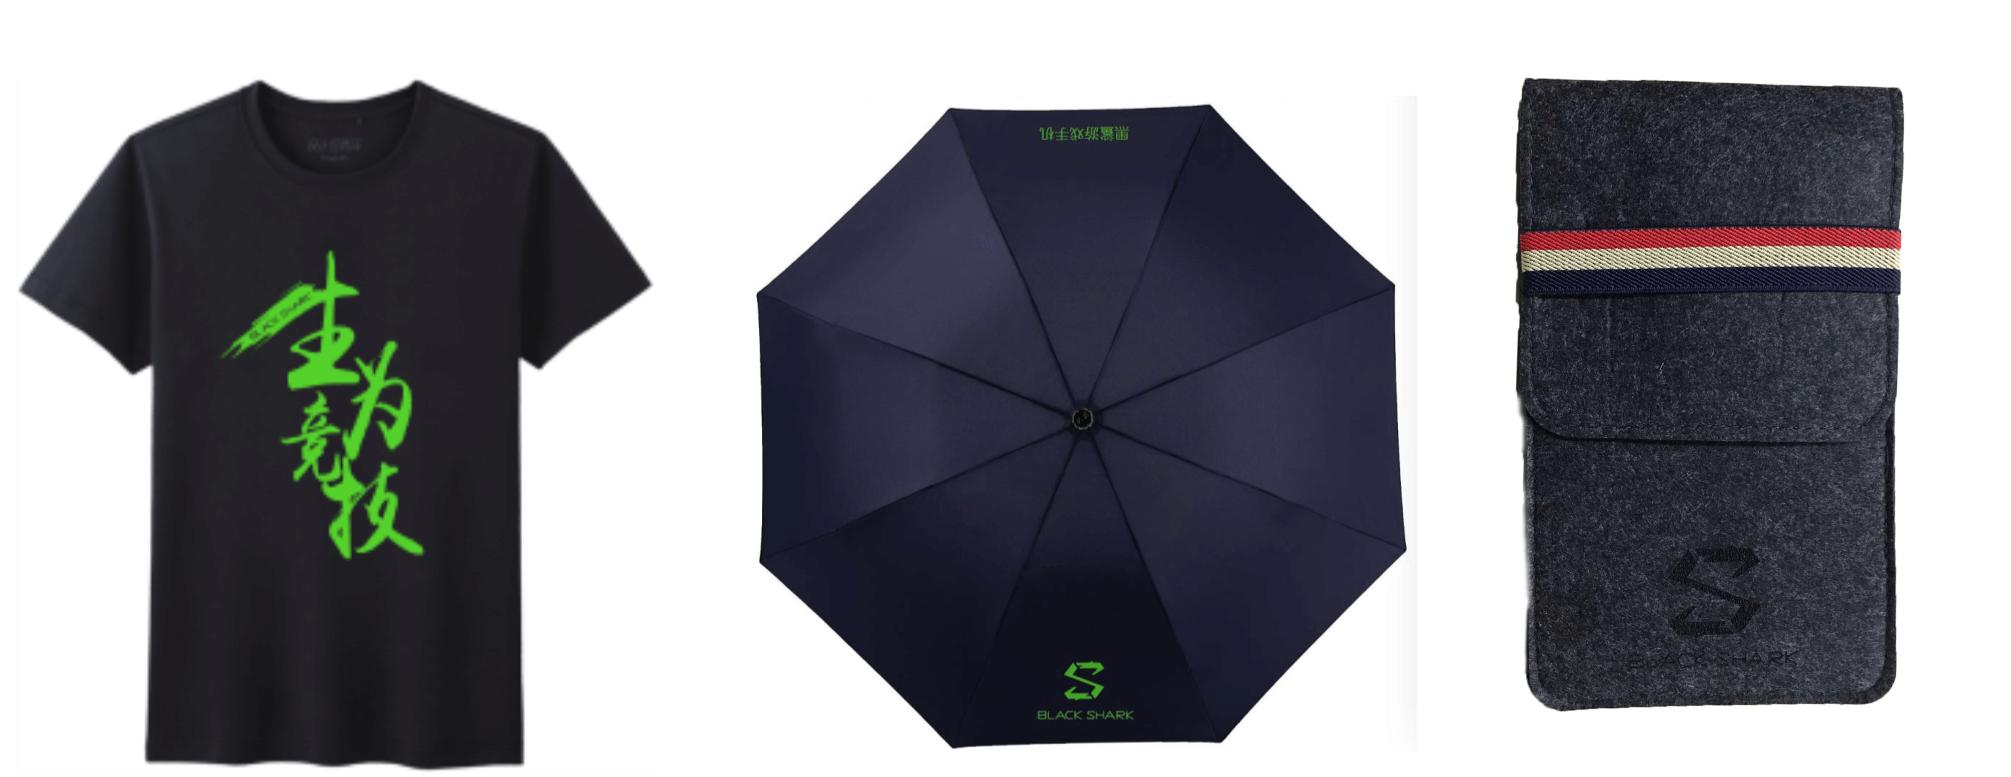 衣服雨伞收纳包.jpg